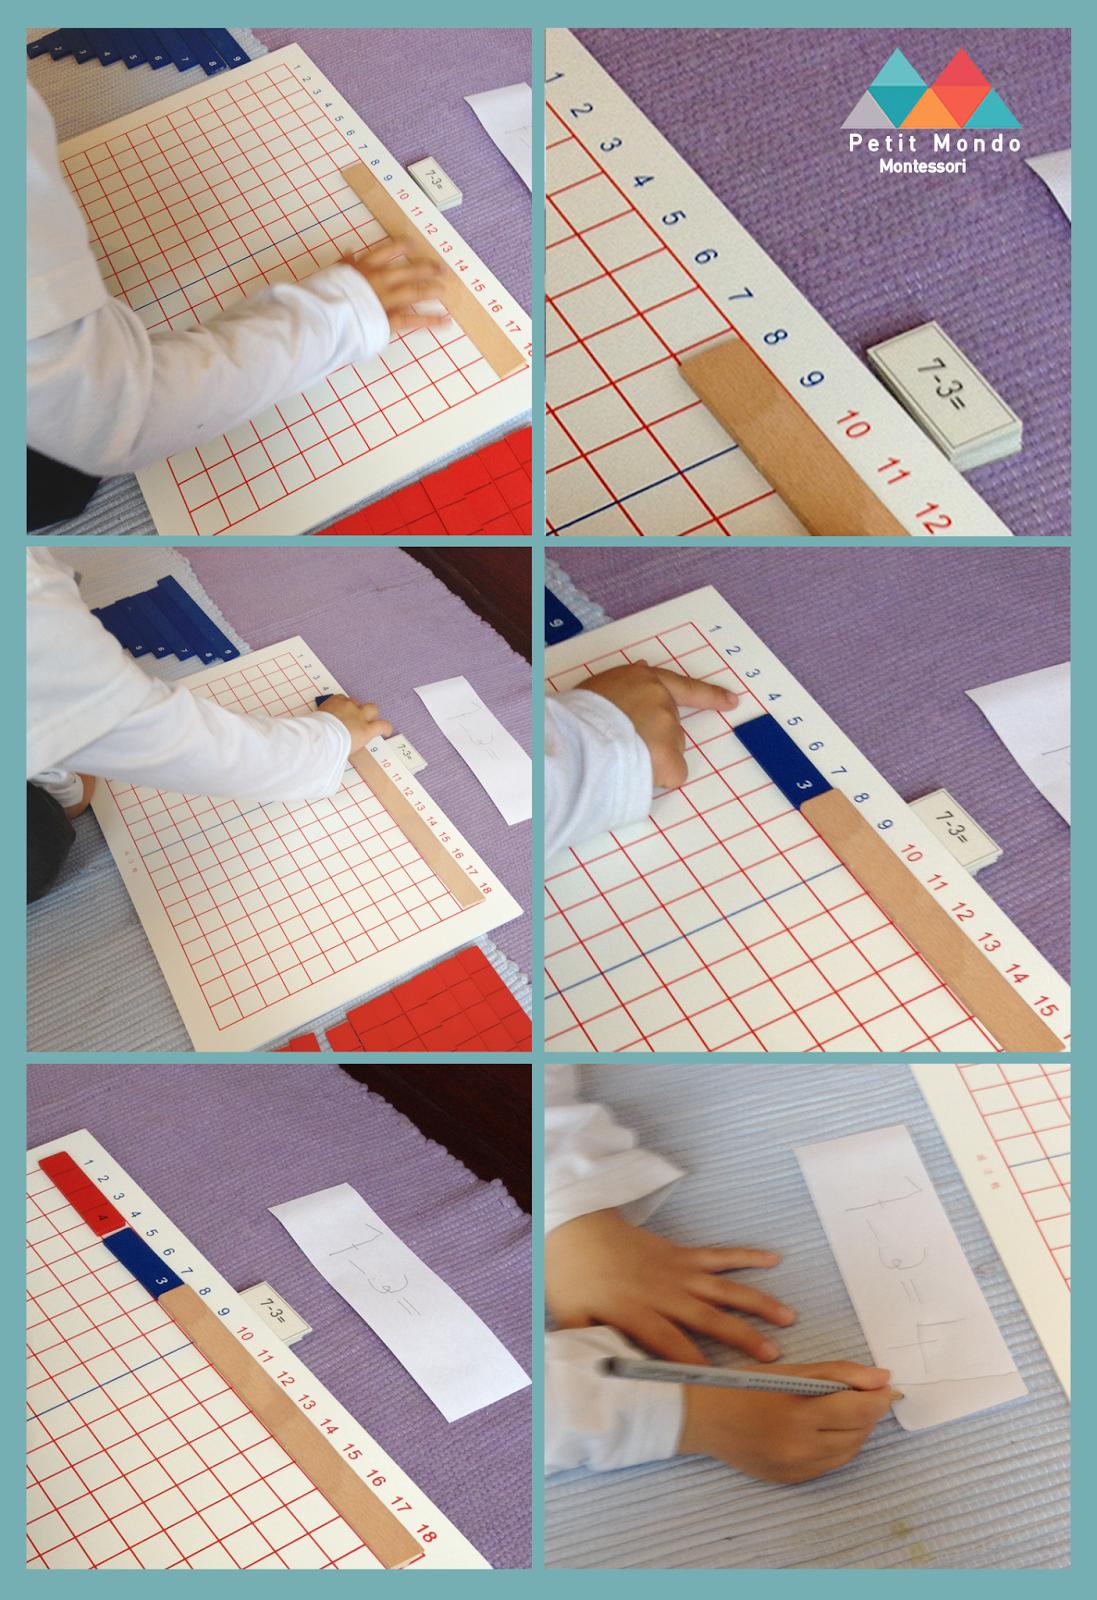 Pin Do A Petit Mondo Montessori Portugal Em Matematica